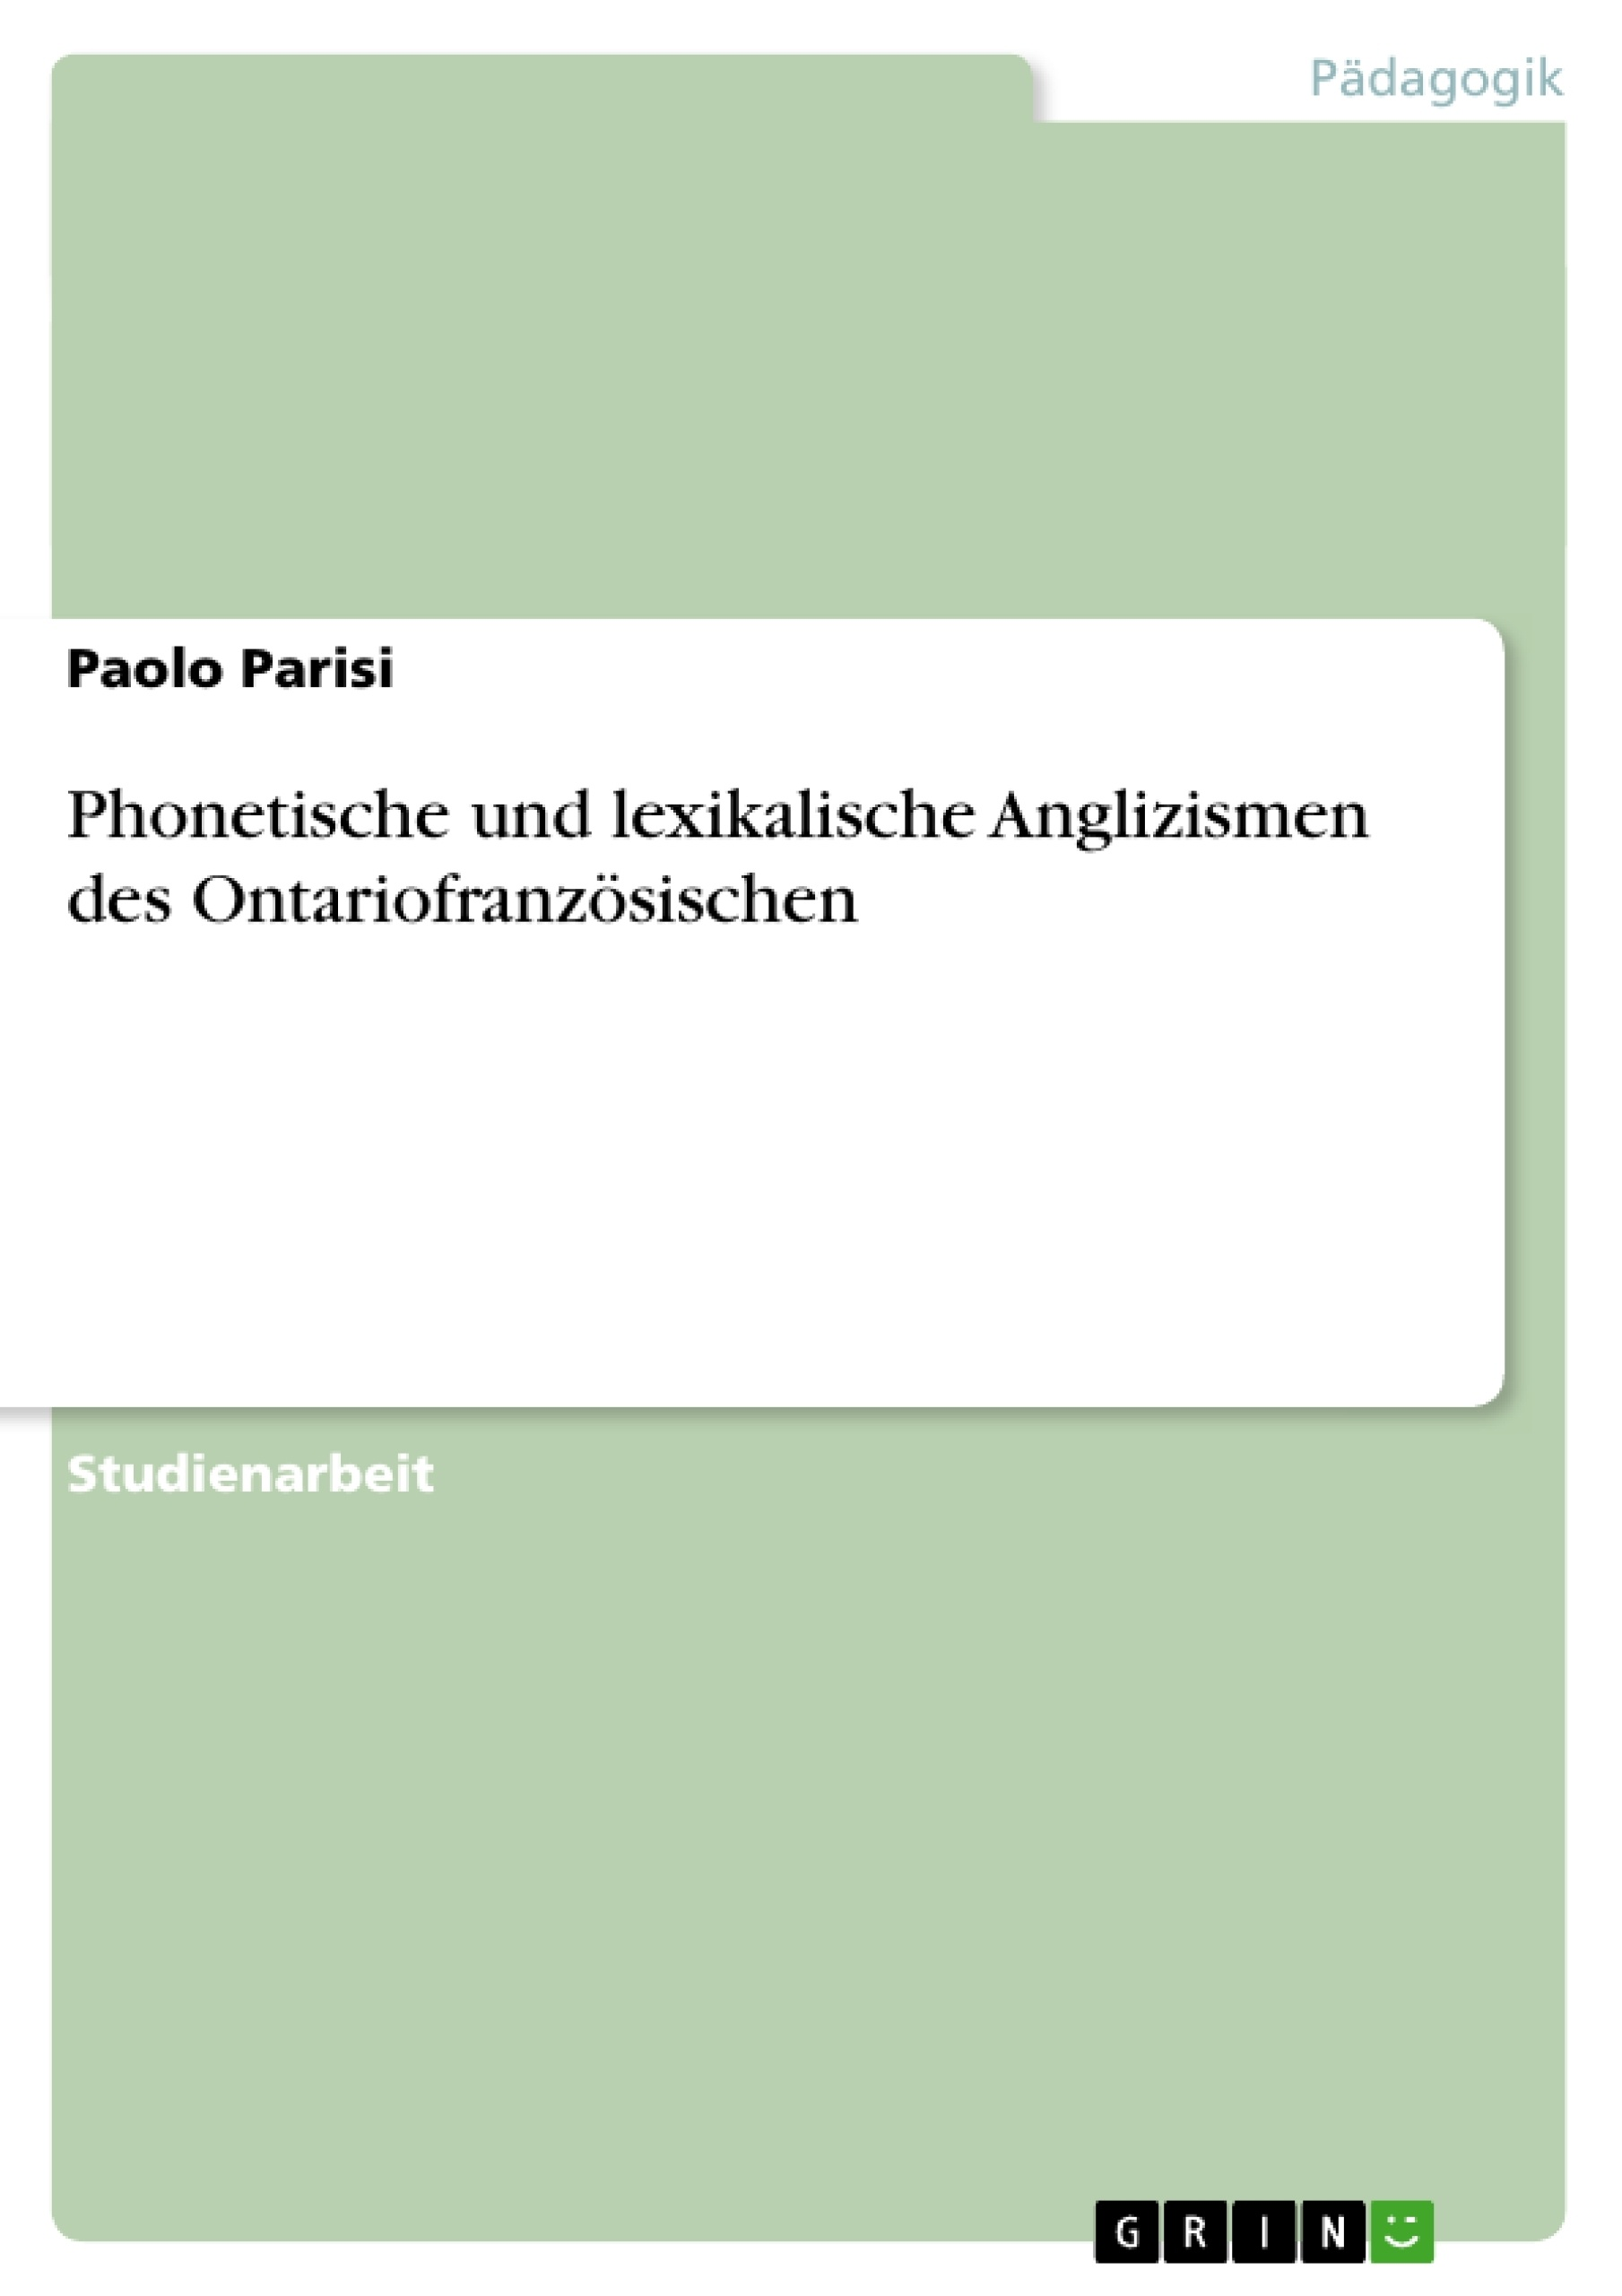 Titel: Phonetische und lexikalische Anglizismen des Ontariofranzösischen